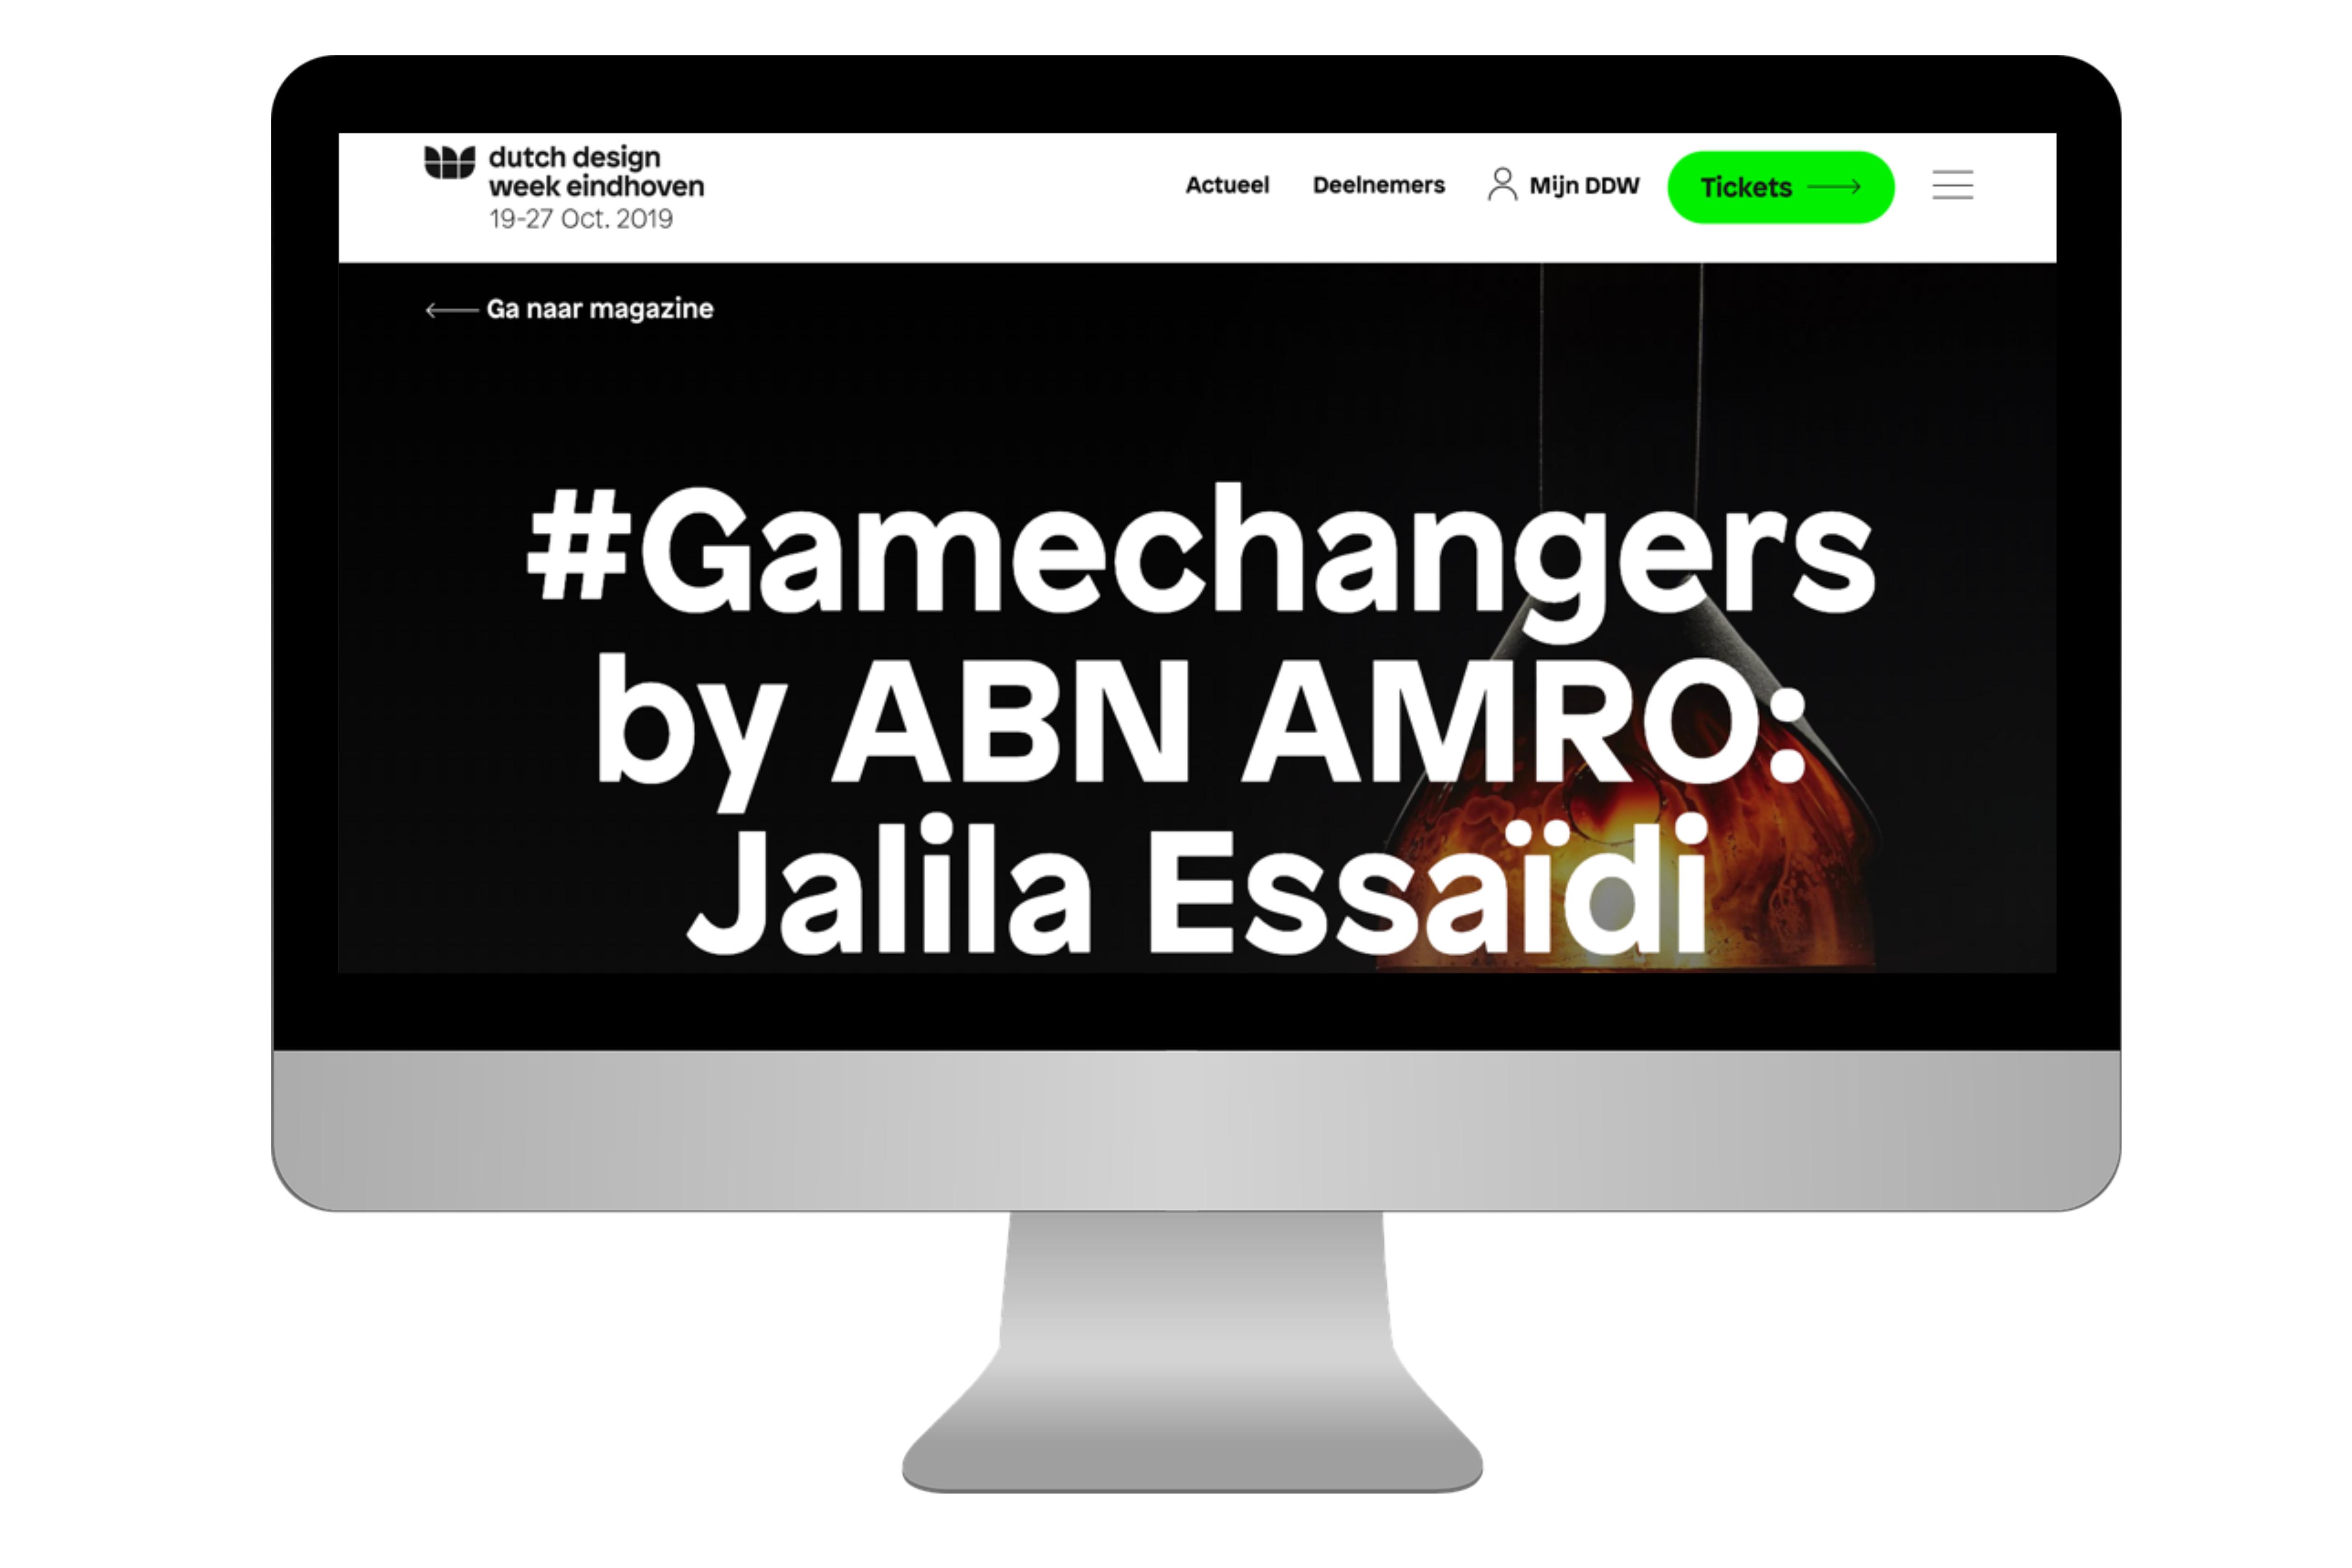 voorbeeld-interview-ddw19-gamechangers.jpg#asset:477